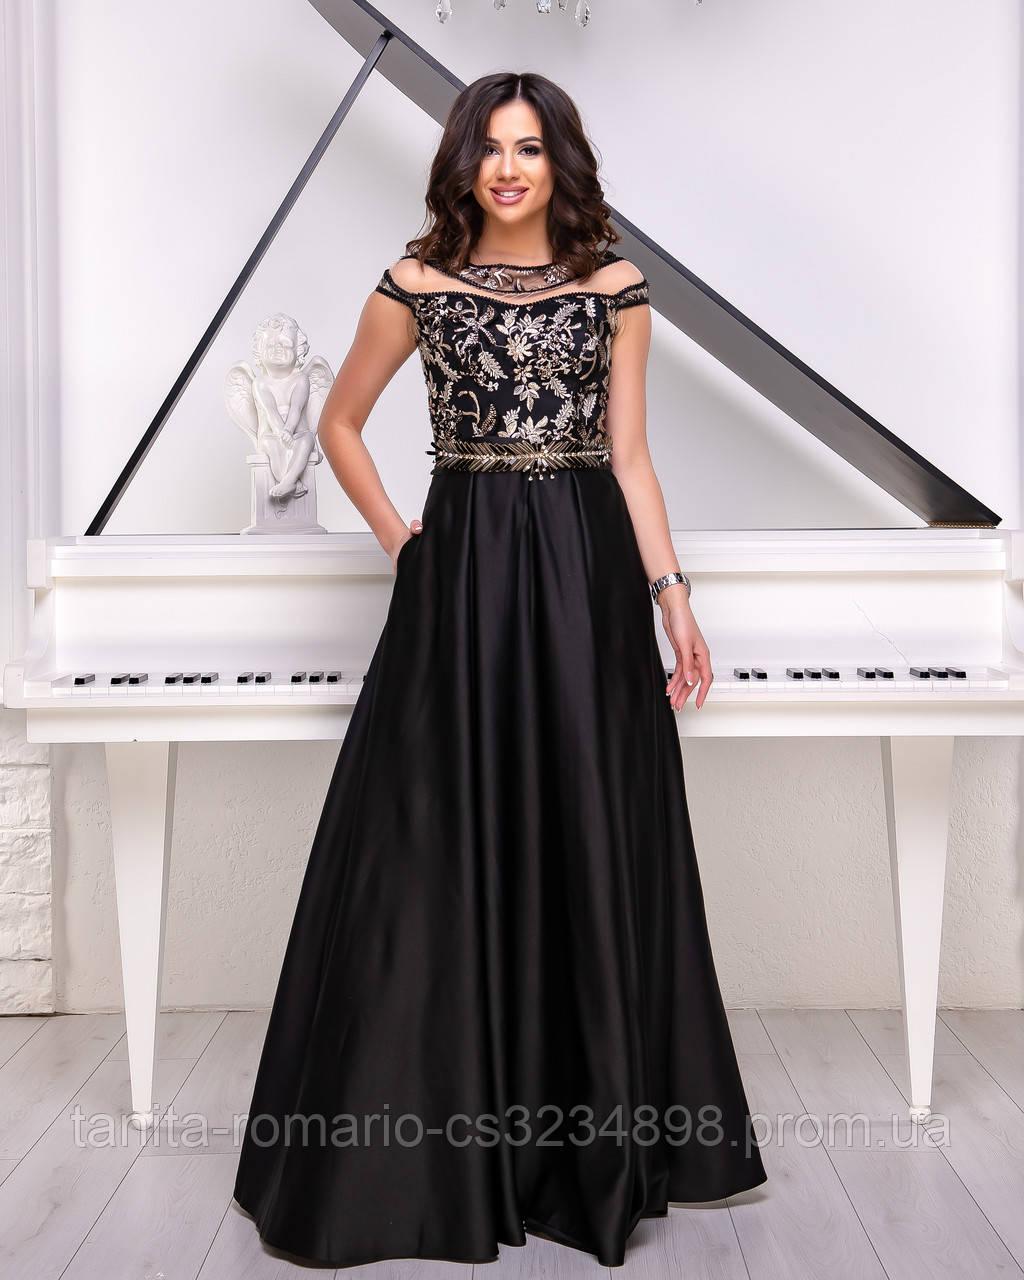 Вечернее платье 9011e Чёрный/золото  S M L